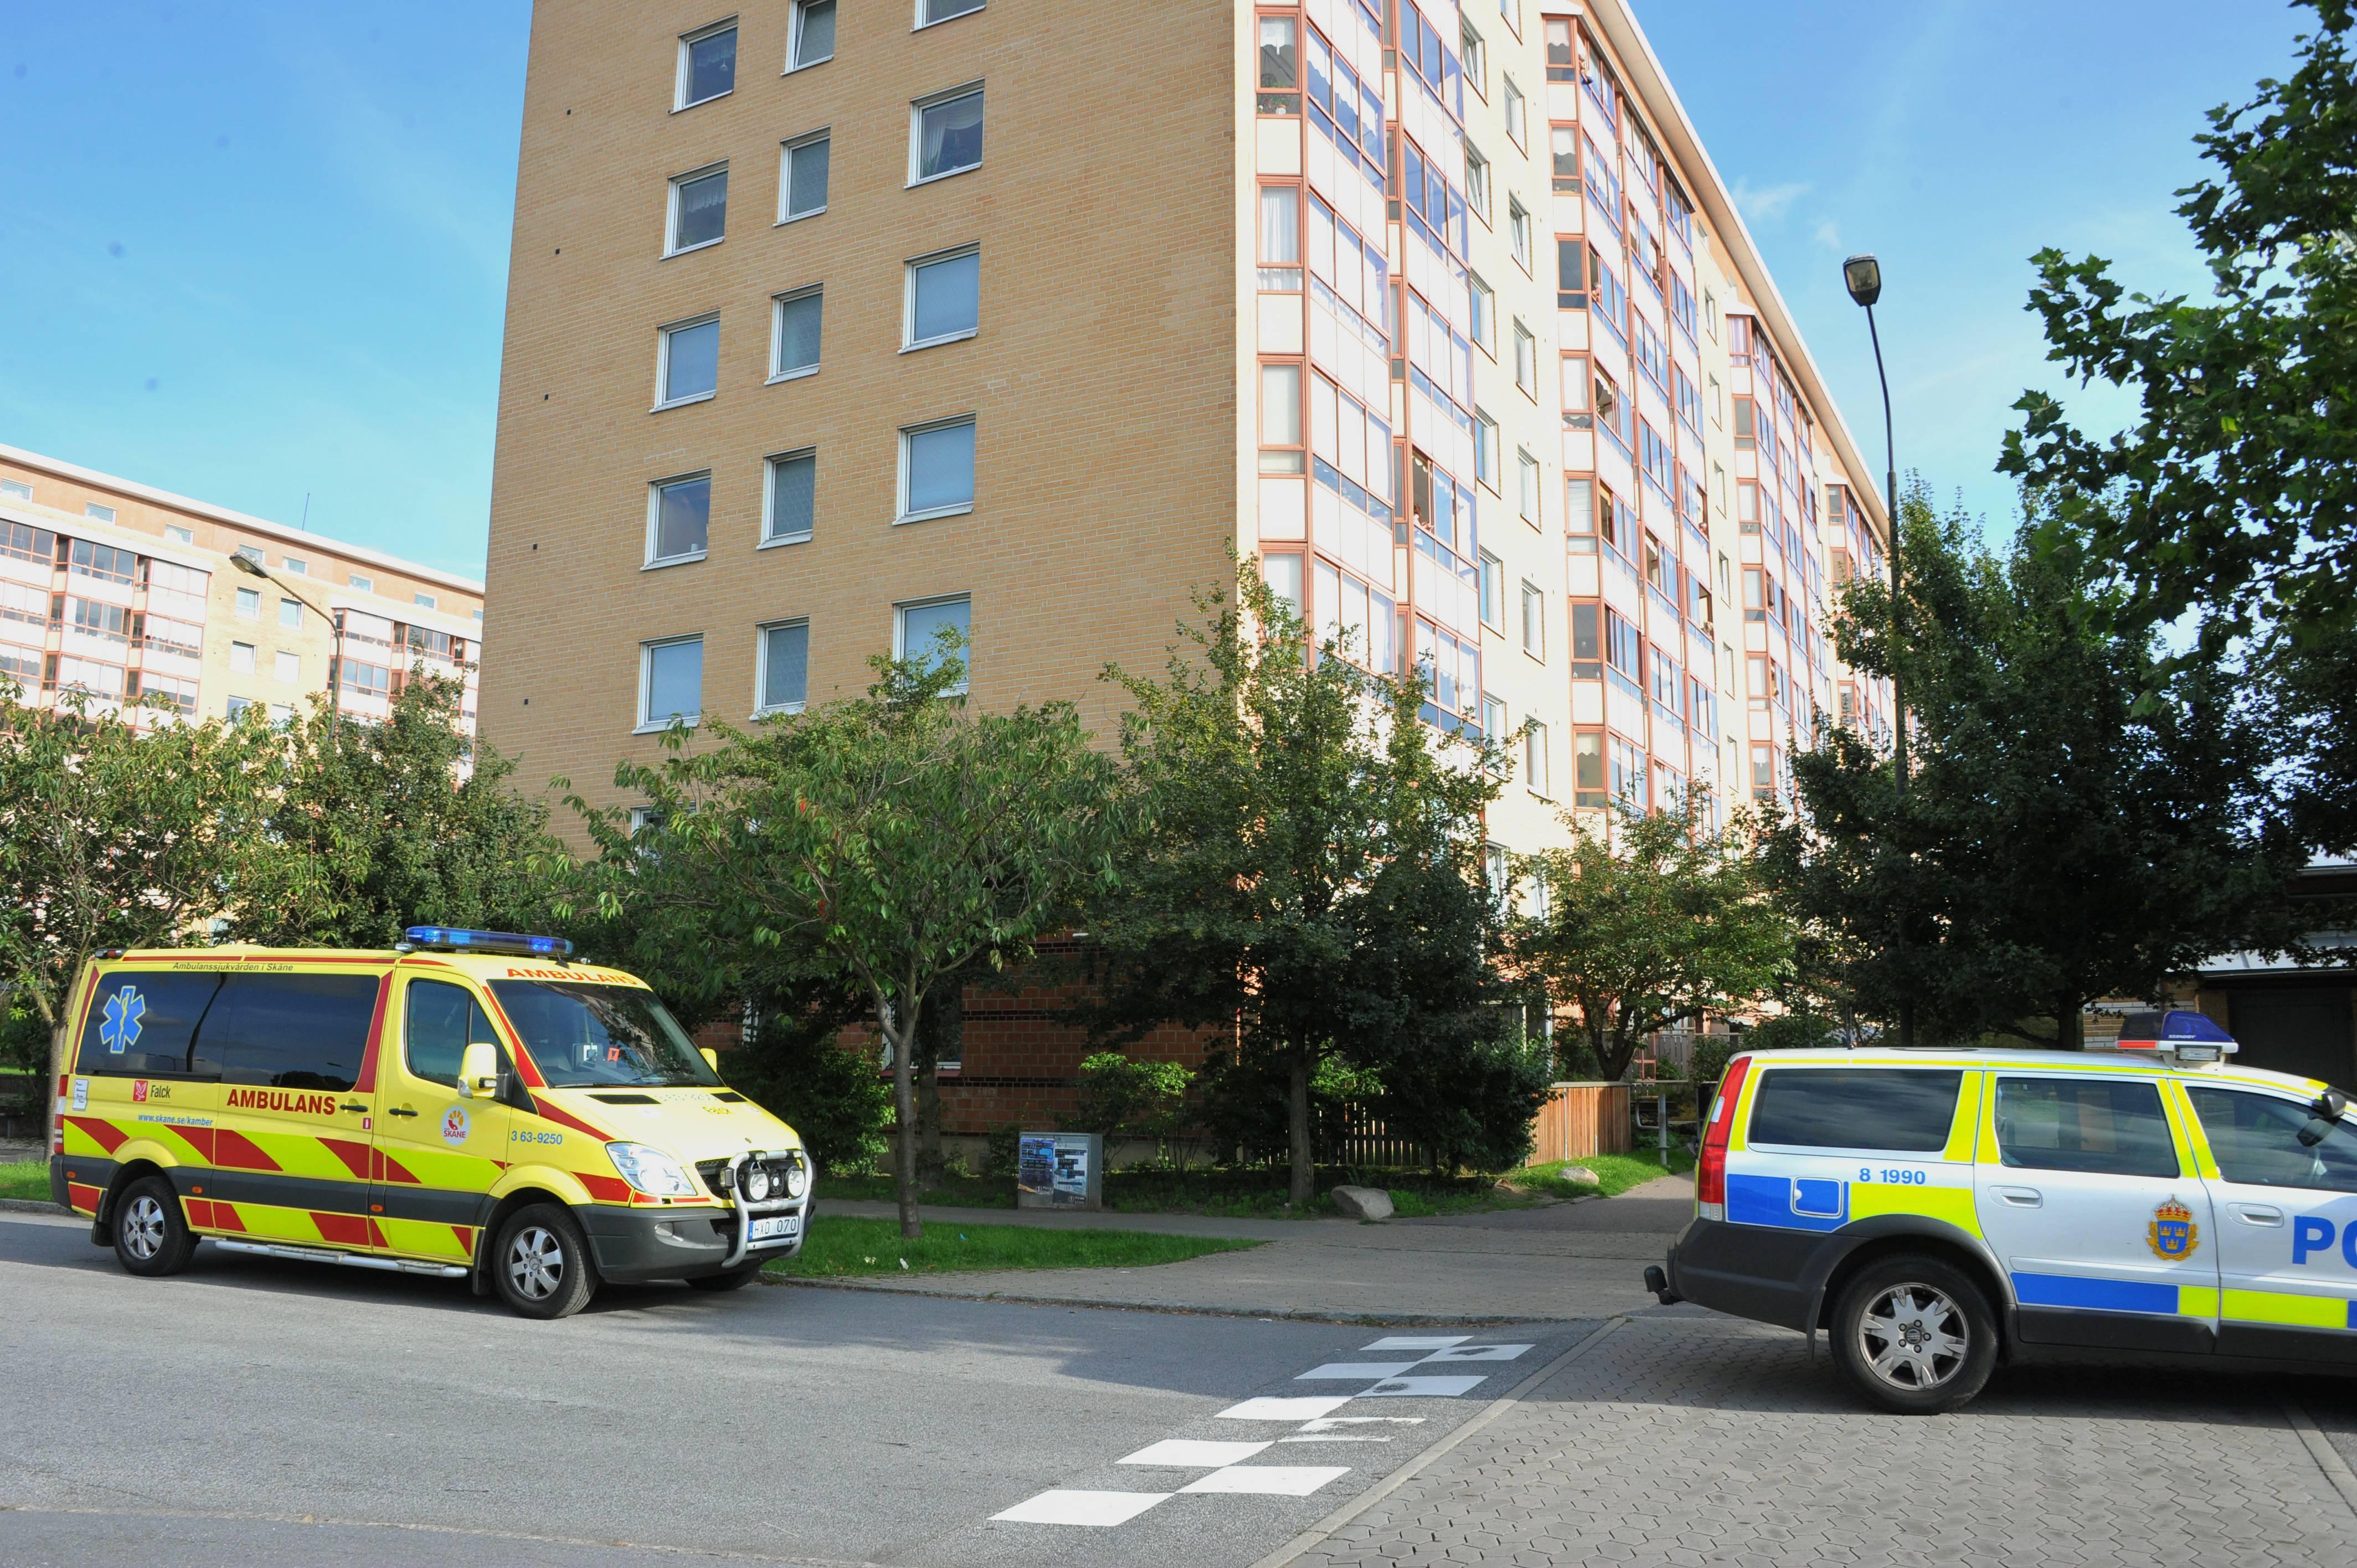 Chatta och dejta online i Lund | Trffa kvinnor och mn i Lund